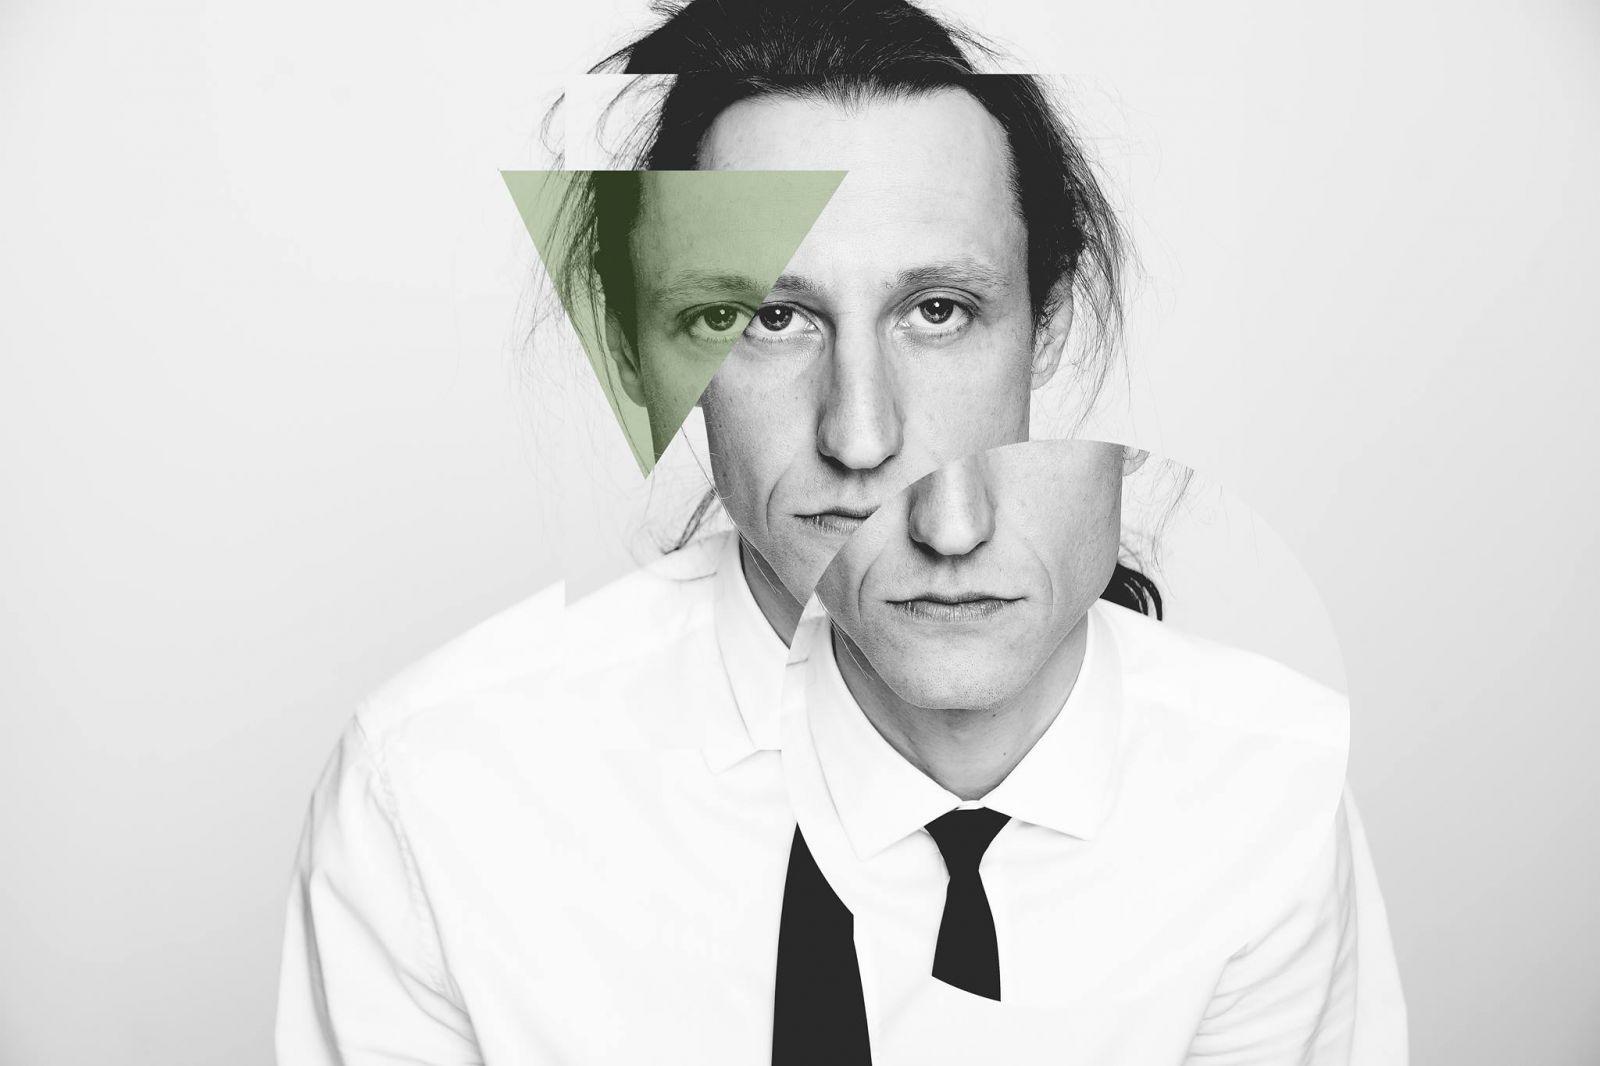 Nakładające się na siebie, czarno-białe zdjęcia twarzy mężczyzny w długich włosach, koszuli i krawacie